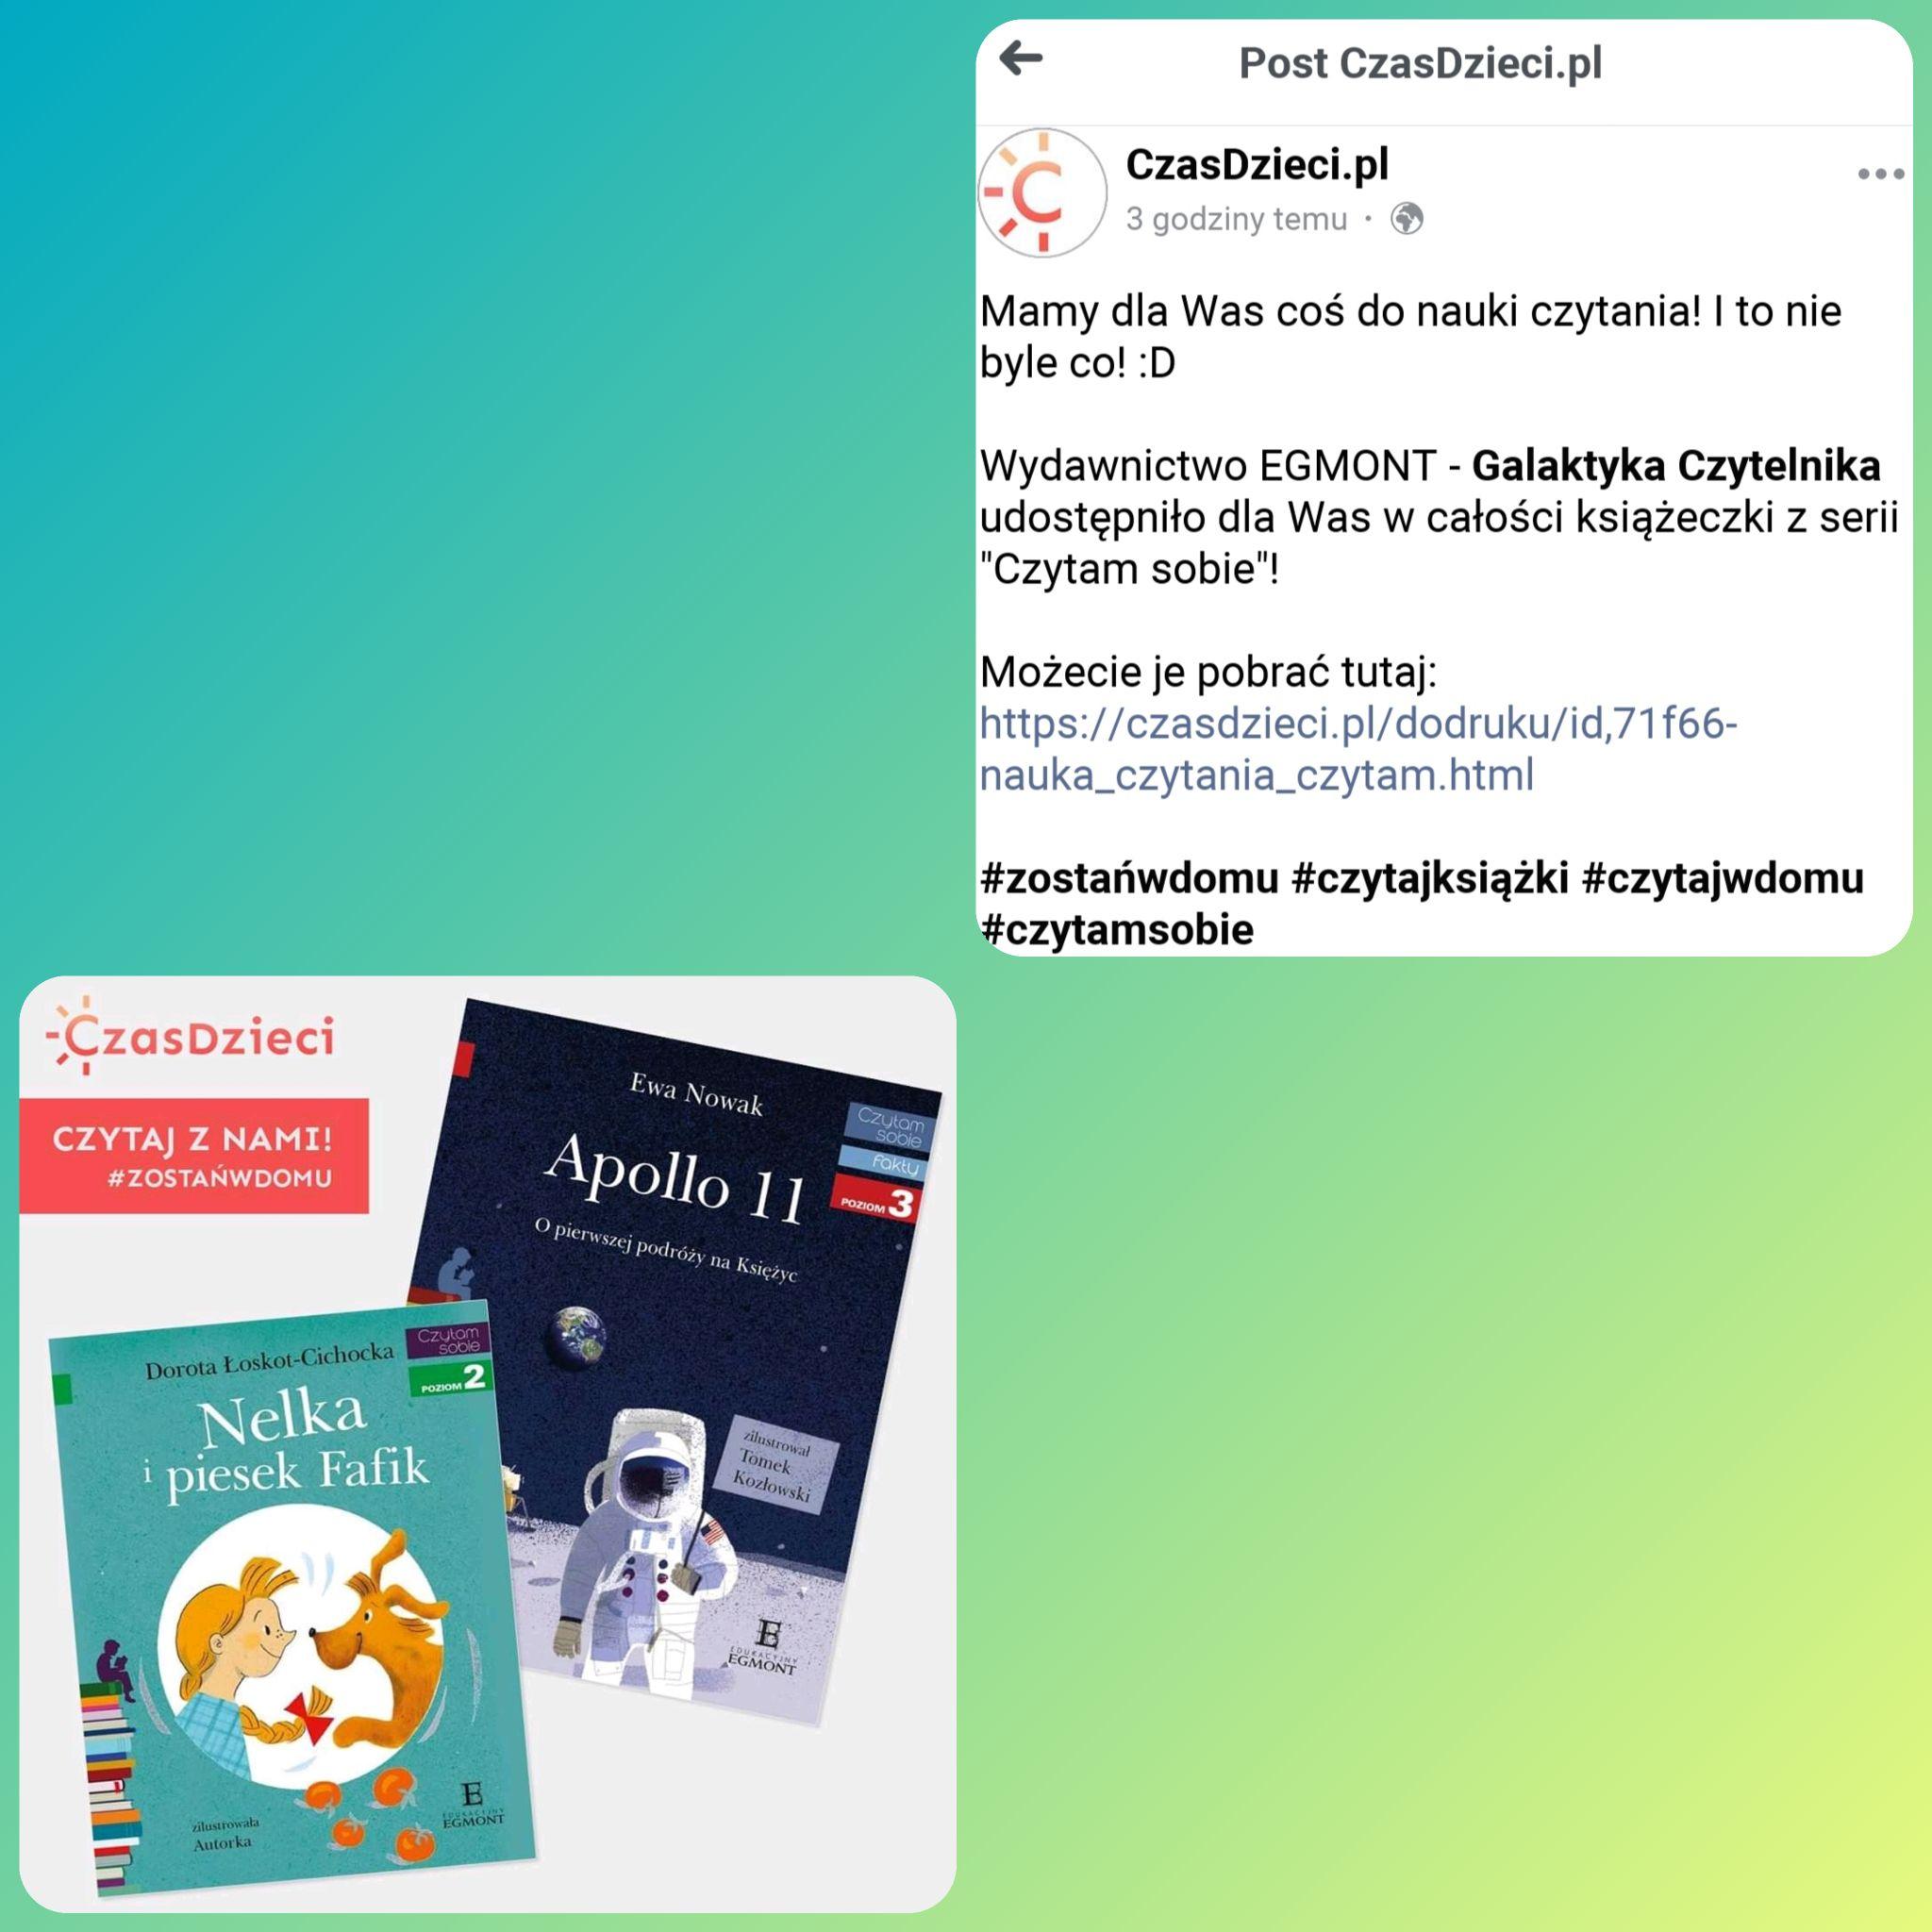 Książki wydawnictwa Egmont - za darmo.